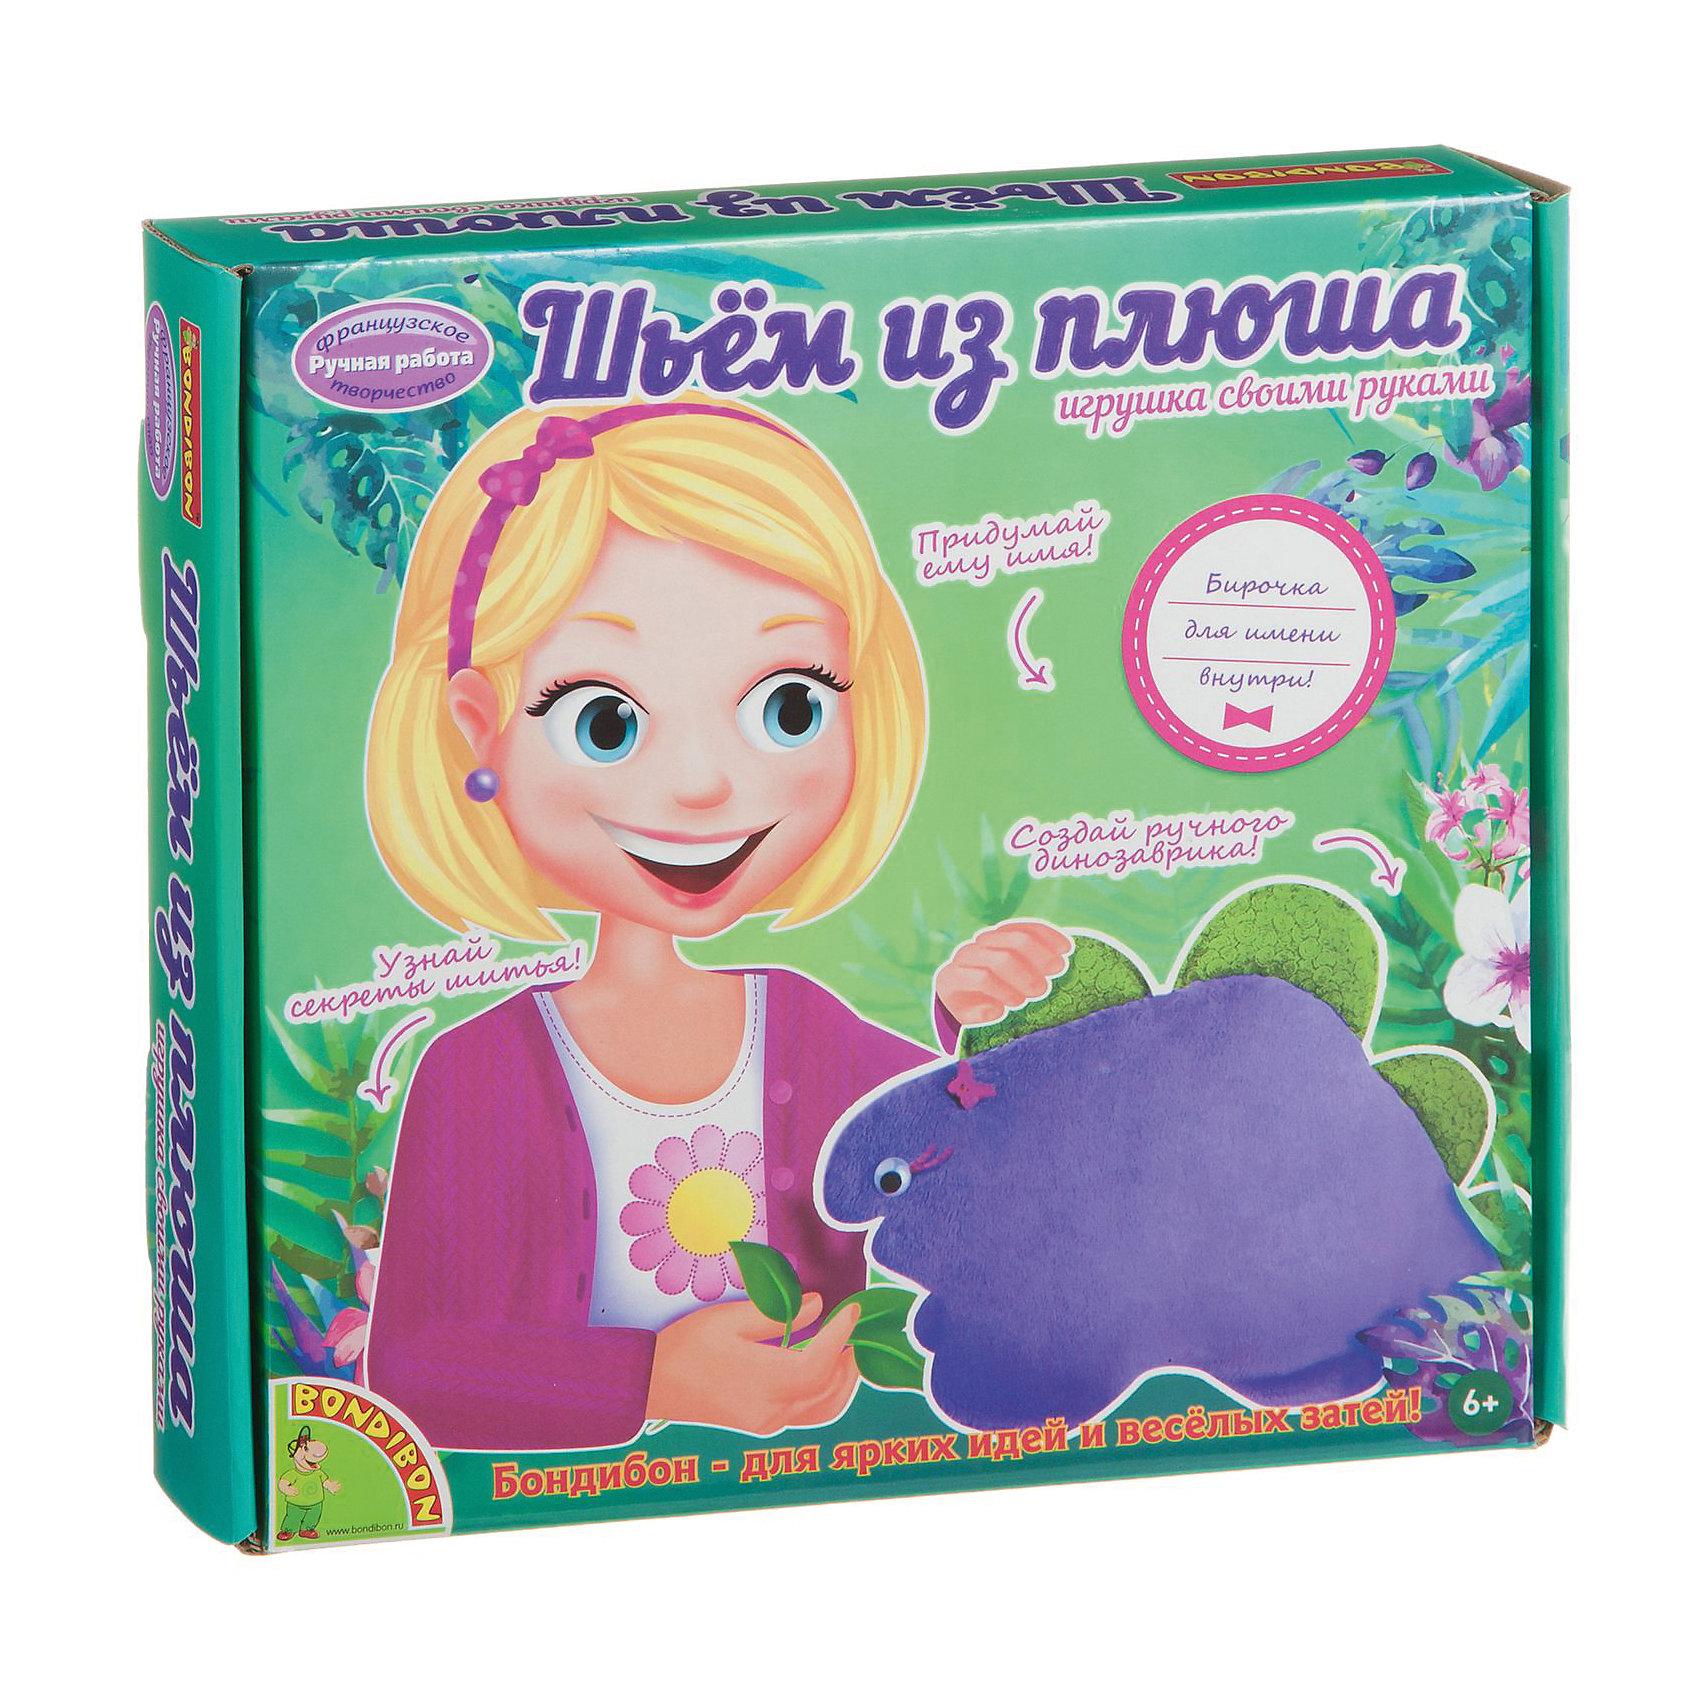 Набор для шитья из плюша ДинозаврикНабор для шитья из плюша Динозаврик торговой марки  Bondibon   рассчитан на детей, которые любят заниматься рукоделием. В наборе имеется все необходимое для создания игрушки. В итоге получается милый динозаврик фиолетового цвета с зелеными гребнями на спине. Создав игрушку, у юной портнихе поднимется самооценка, ведь она  своими руками сотворила  прекрасную мягкую игрушку.<br><br> Дополнительная информация:<br><br>- возраст: от 6 лет<br>- пол: для девочек<br>- размер упаковки: 24 * 3.5 * 24 см.<br>- упаковка: картонная коробка.<br>- страна обладатель бренда: Бельгия.<br><br>Набор для шитья из плюша  Динозаврик  торговой марки  Bondibon  можно купить в нашем интернет-магазине<br><br>Ширина мм: 24<br>Глубина мм: 4<br>Высота мм: 24<br>Вес г: 260<br>Возраст от месяцев: 72<br>Возраст до месяцев: 144<br>Пол: Женский<br>Возраст: Детский<br>SKU: 4993271